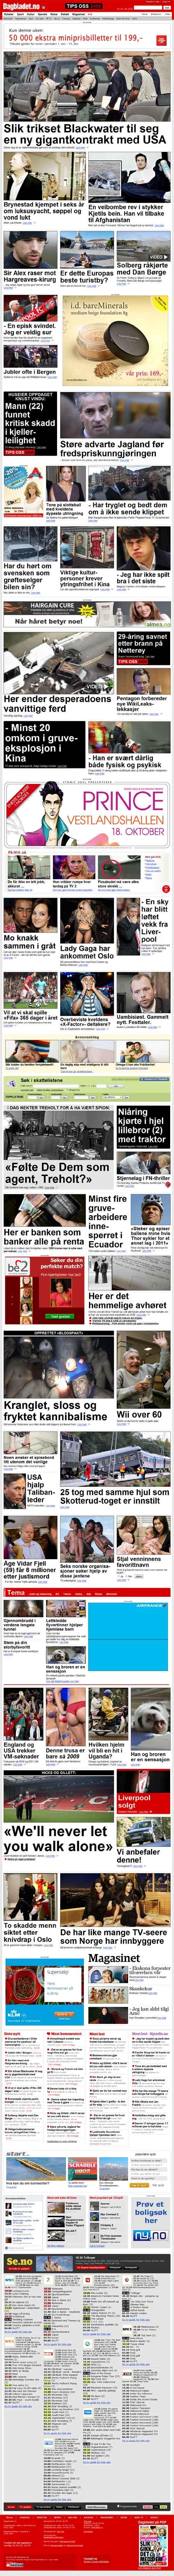 Dagbladet.no lørdag 16. oktober 2010